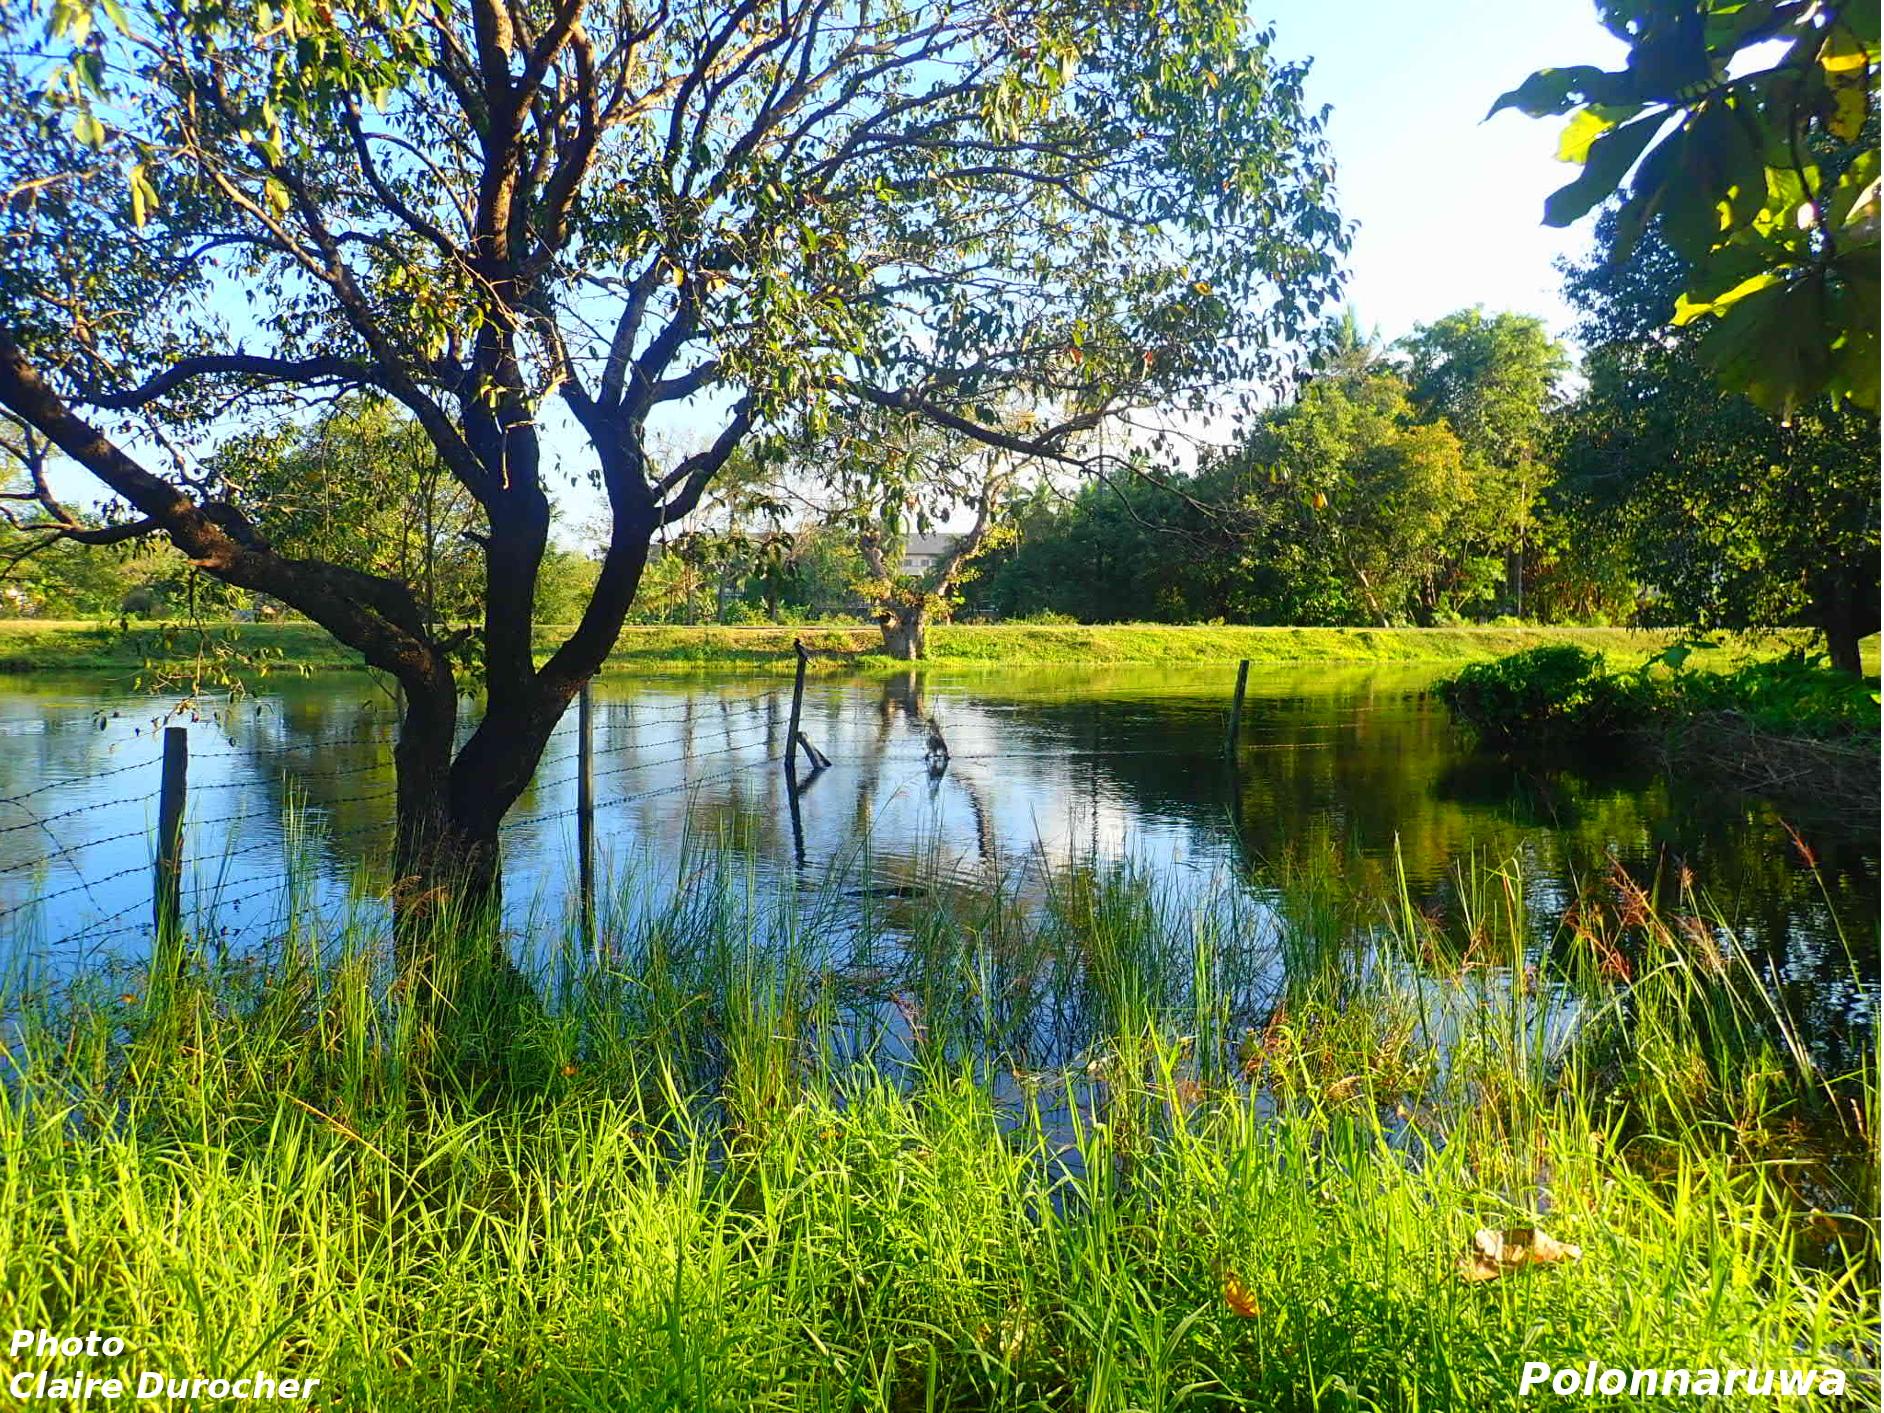 Arbre surplombant un étang